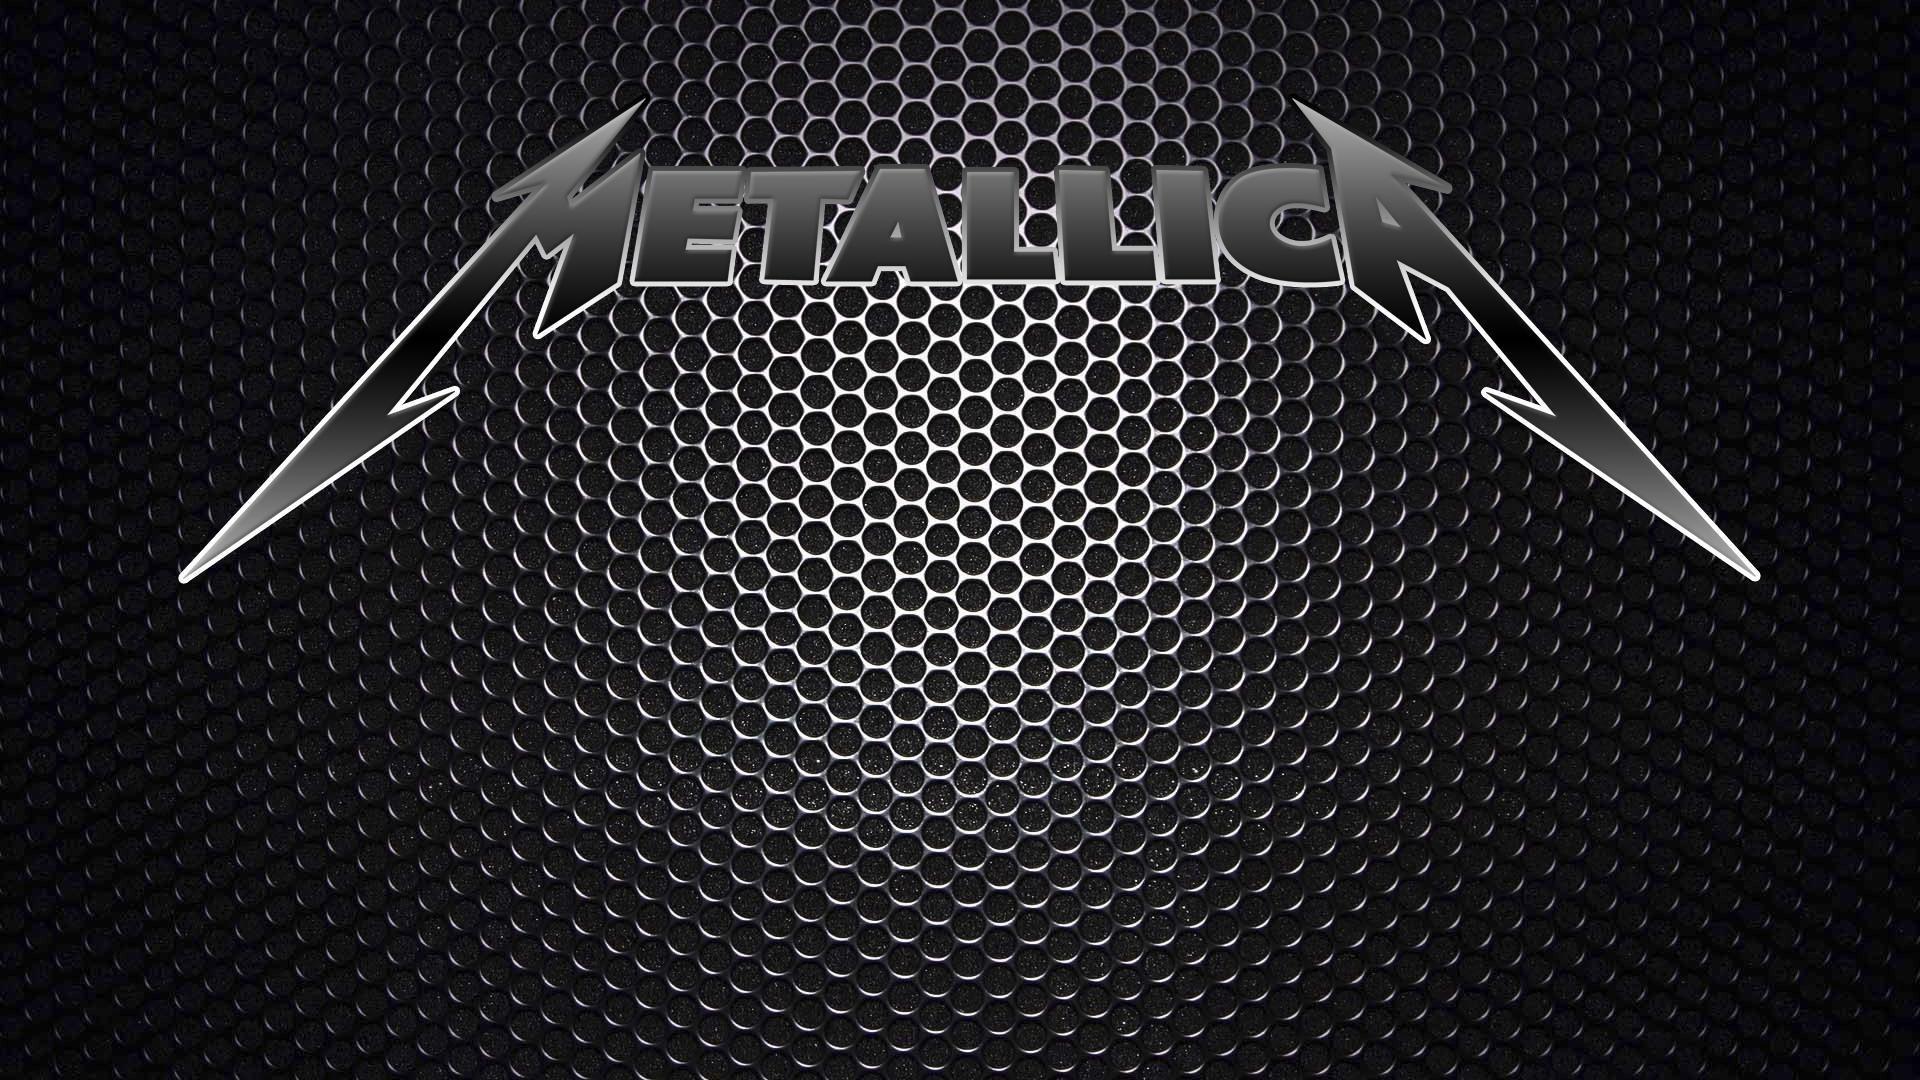 <b>Metallica Wallpaper</b> HD | PixelsTalk.